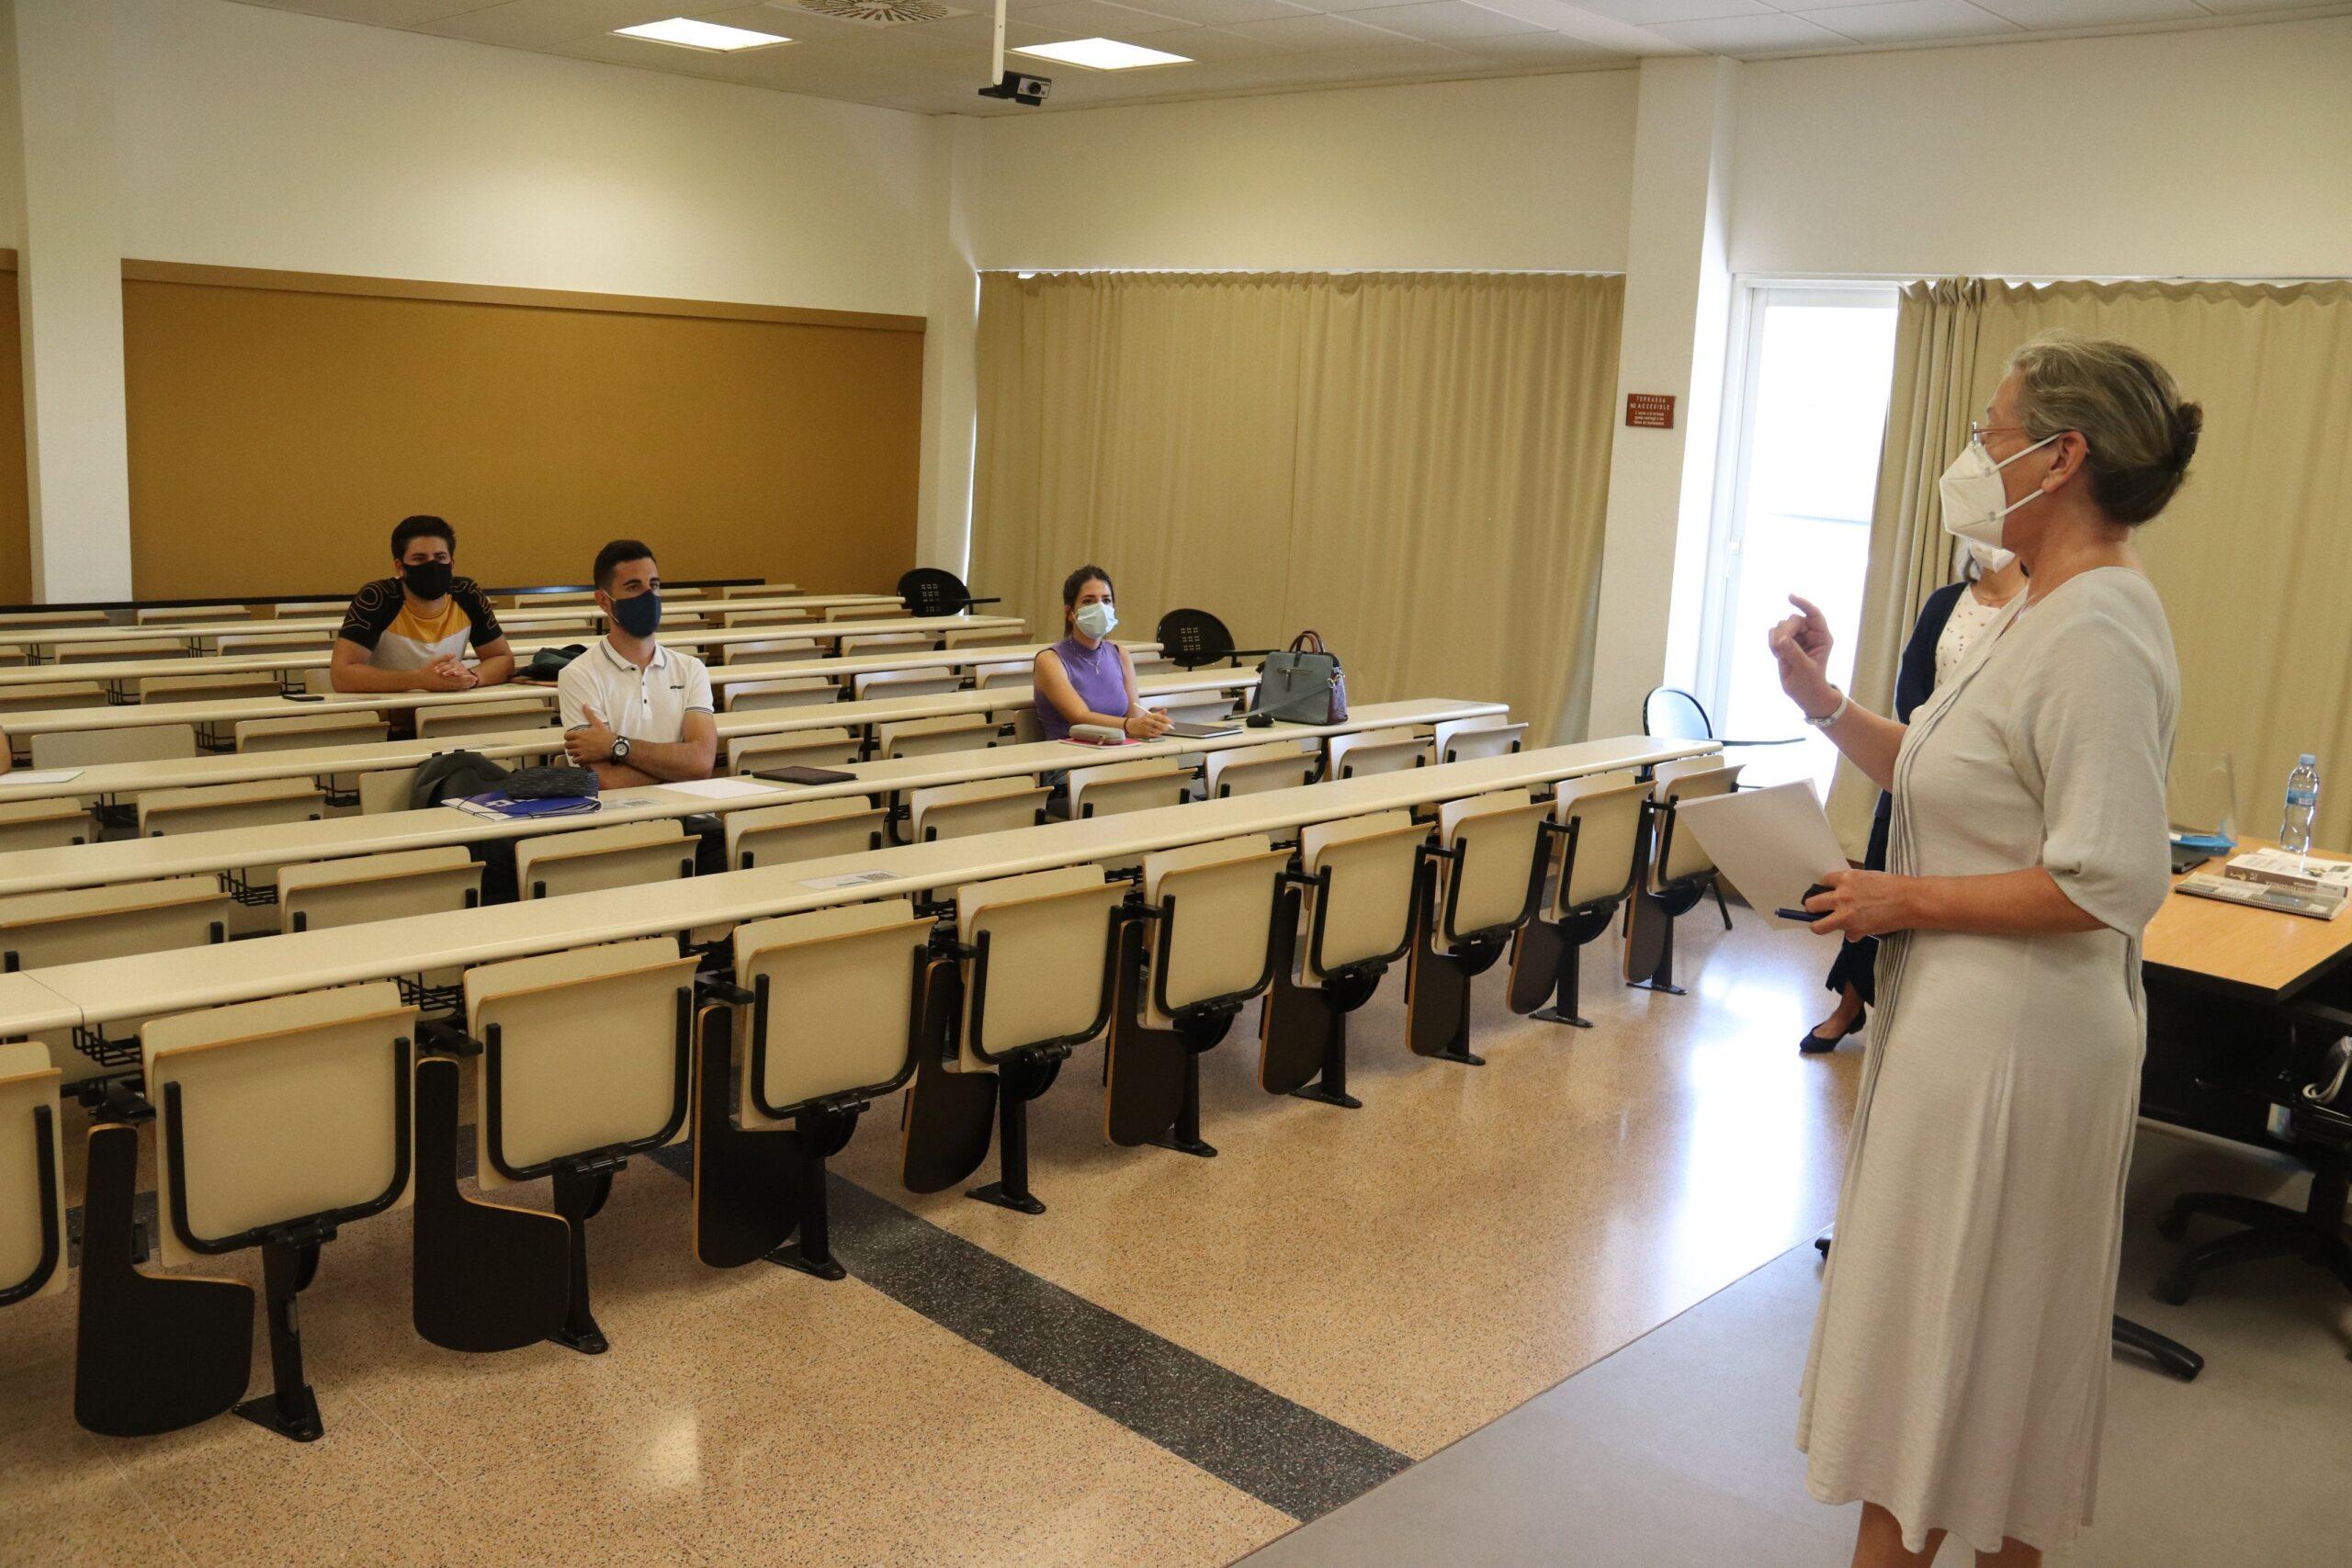 Una classe de 4t de grau a la Facultat de Ciències Econòmiques i Empresarials de la UdG el 14 de setembre de 2020 (ACN)